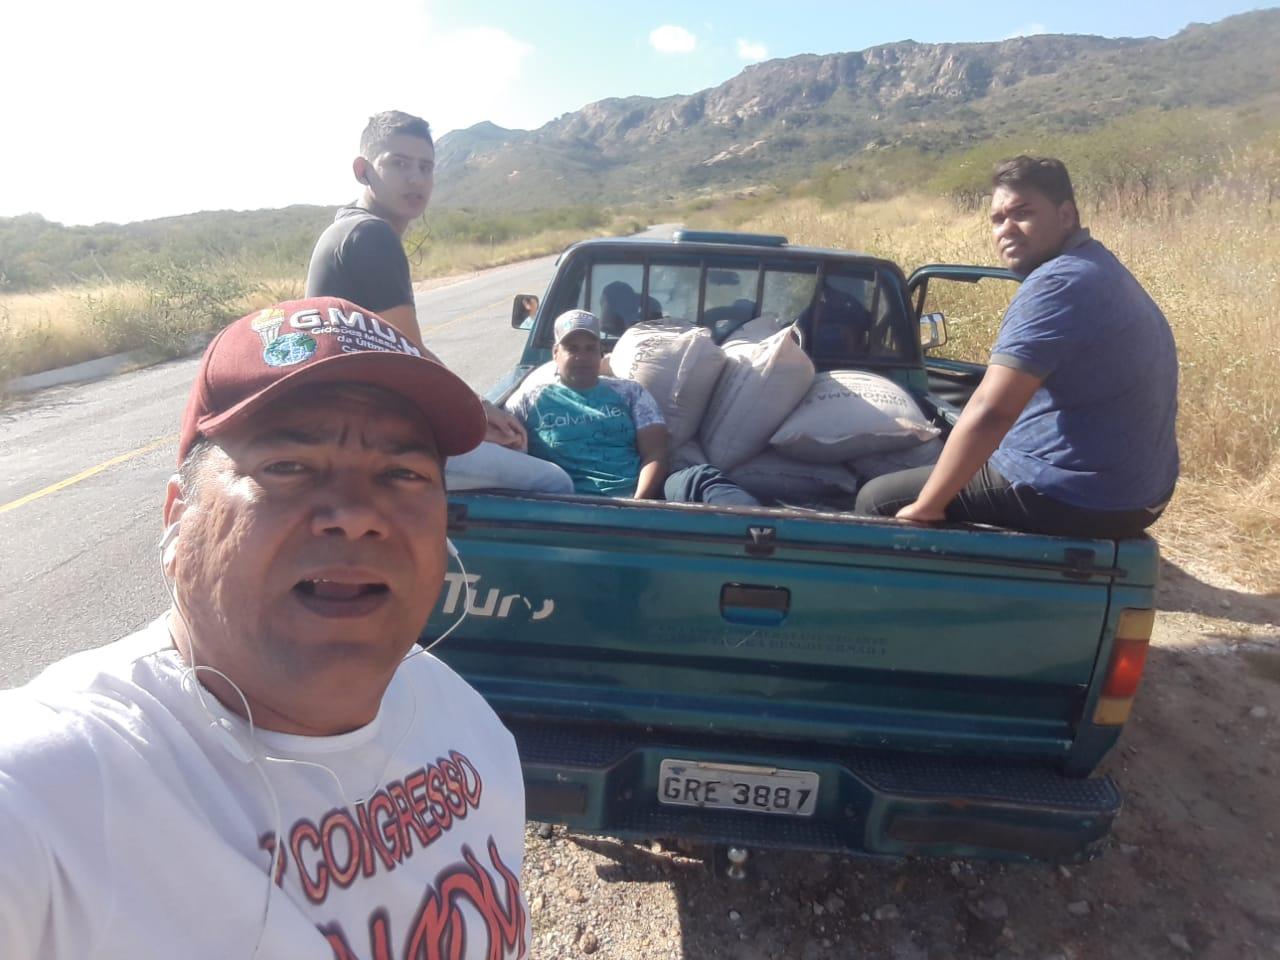 Doação de 1 tonelada de feijão a comunidade carente na Paraíba